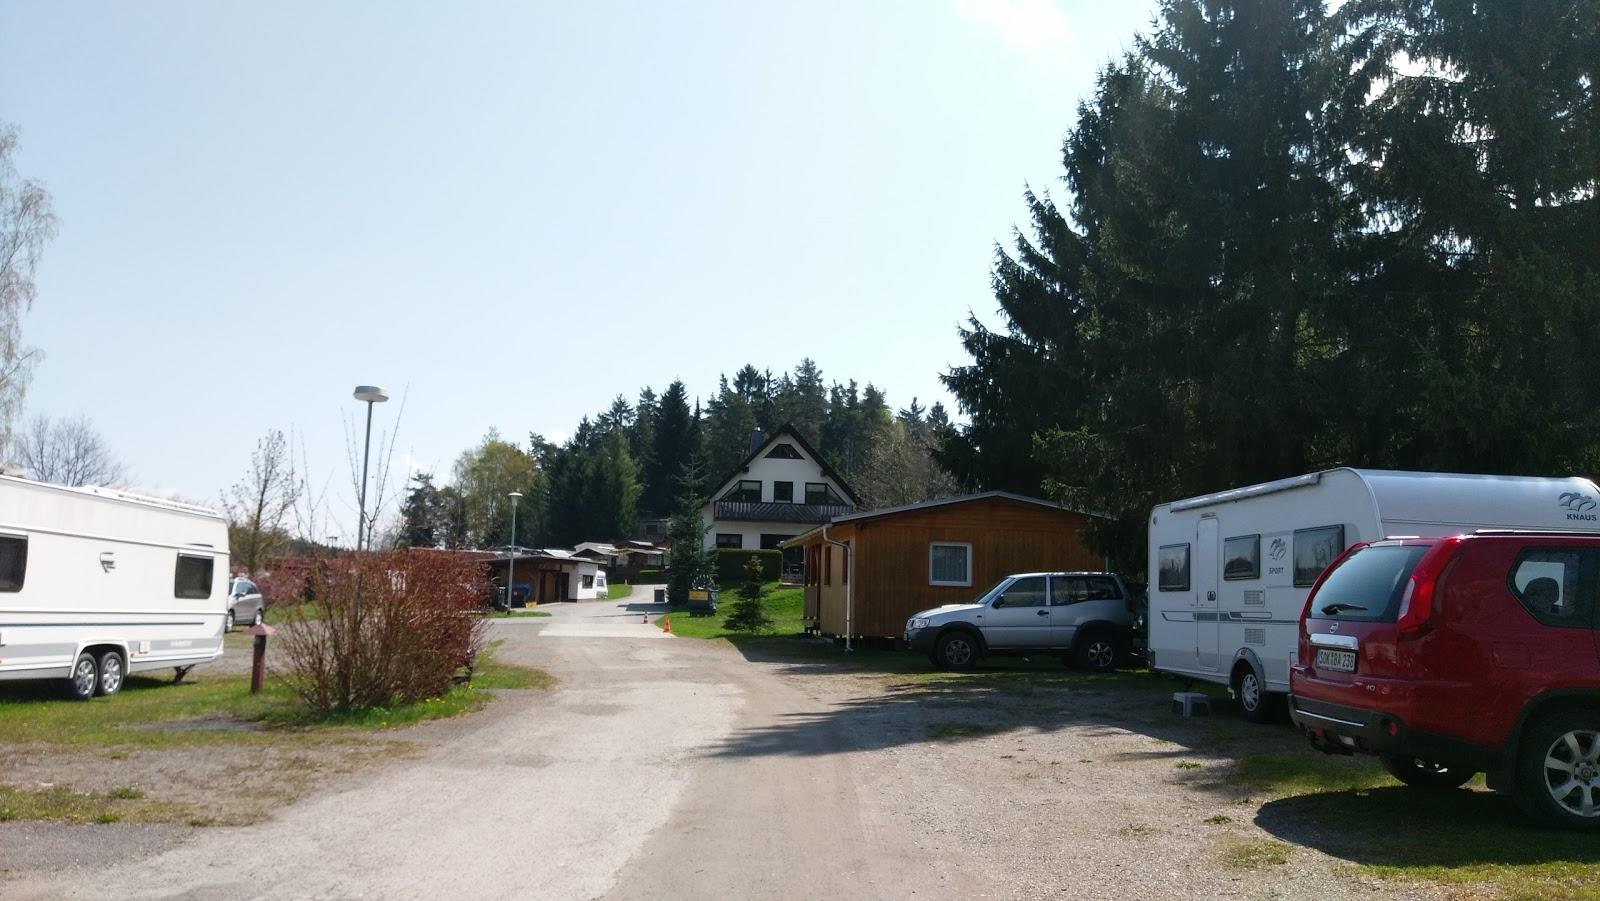 Camping Lindenau Inh. Ernst Jugelt Map - Zwickau, Germany - Mapcarta